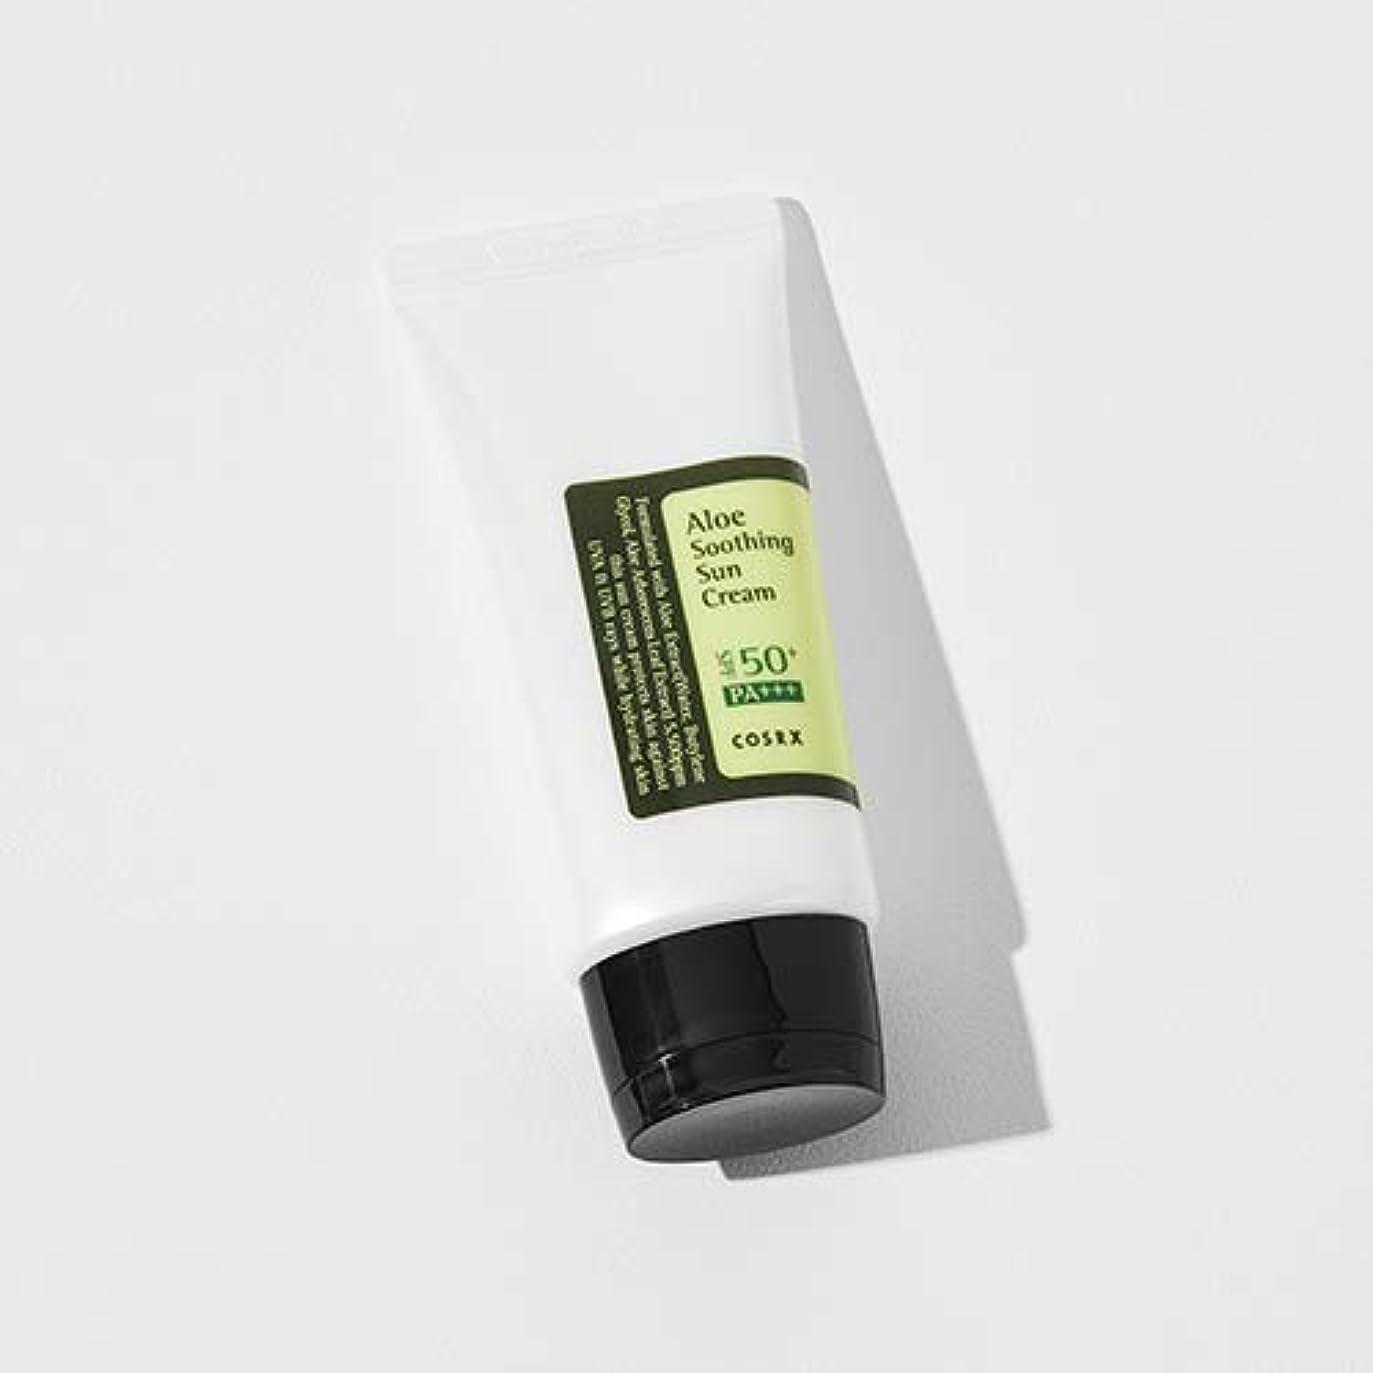 不健全あなたはラテン[COSRX] Aloe Soothing Sun Cream 50ml / [COSRX] アロエ スーディング サンクリーム 50ml [並行輸入品]